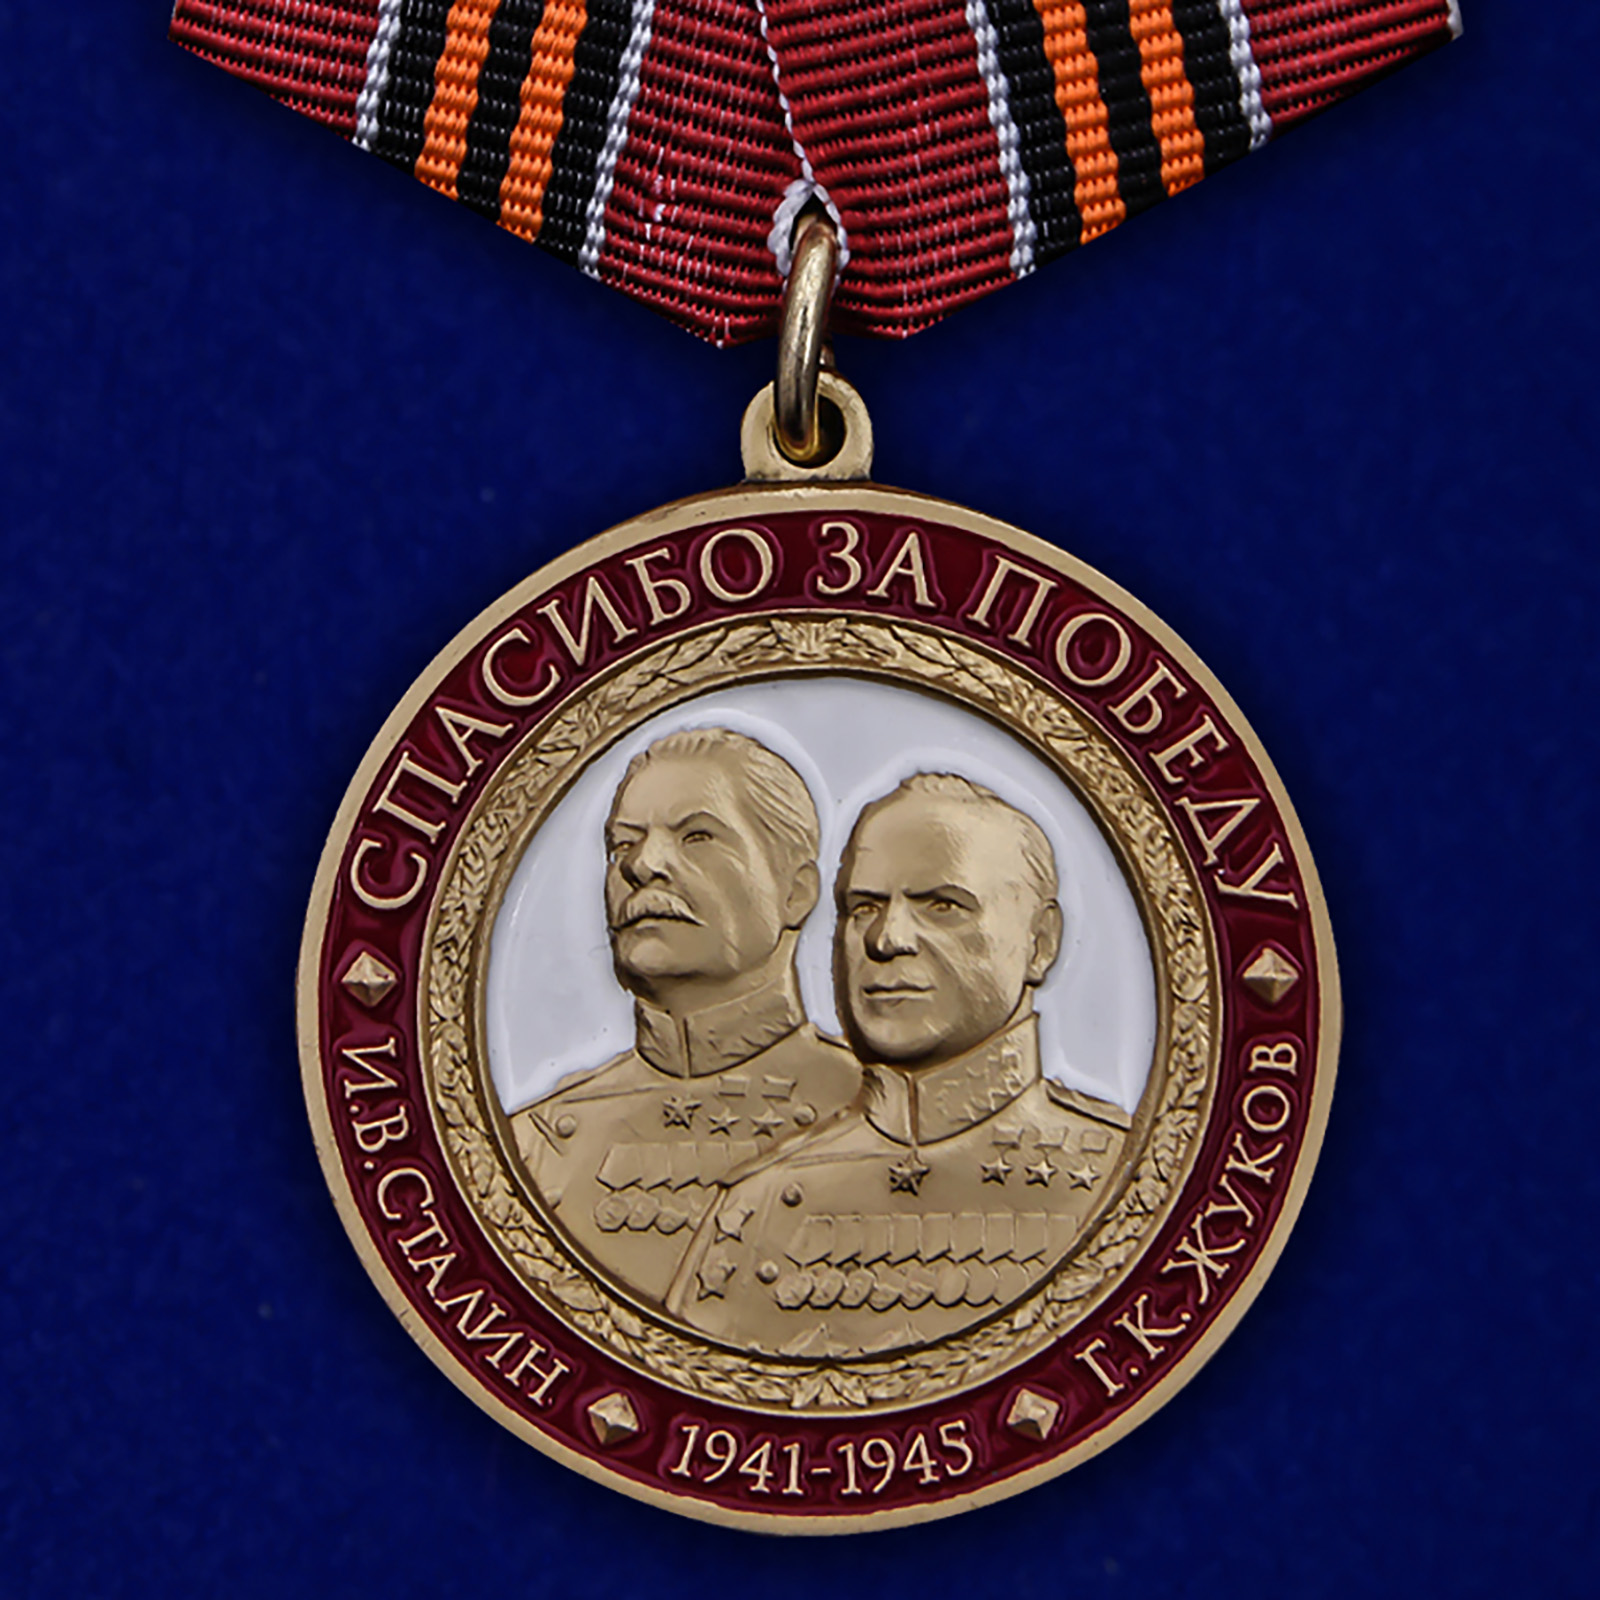 Купить медаль Спасибо за Победу на подставке онлайн с доставкой